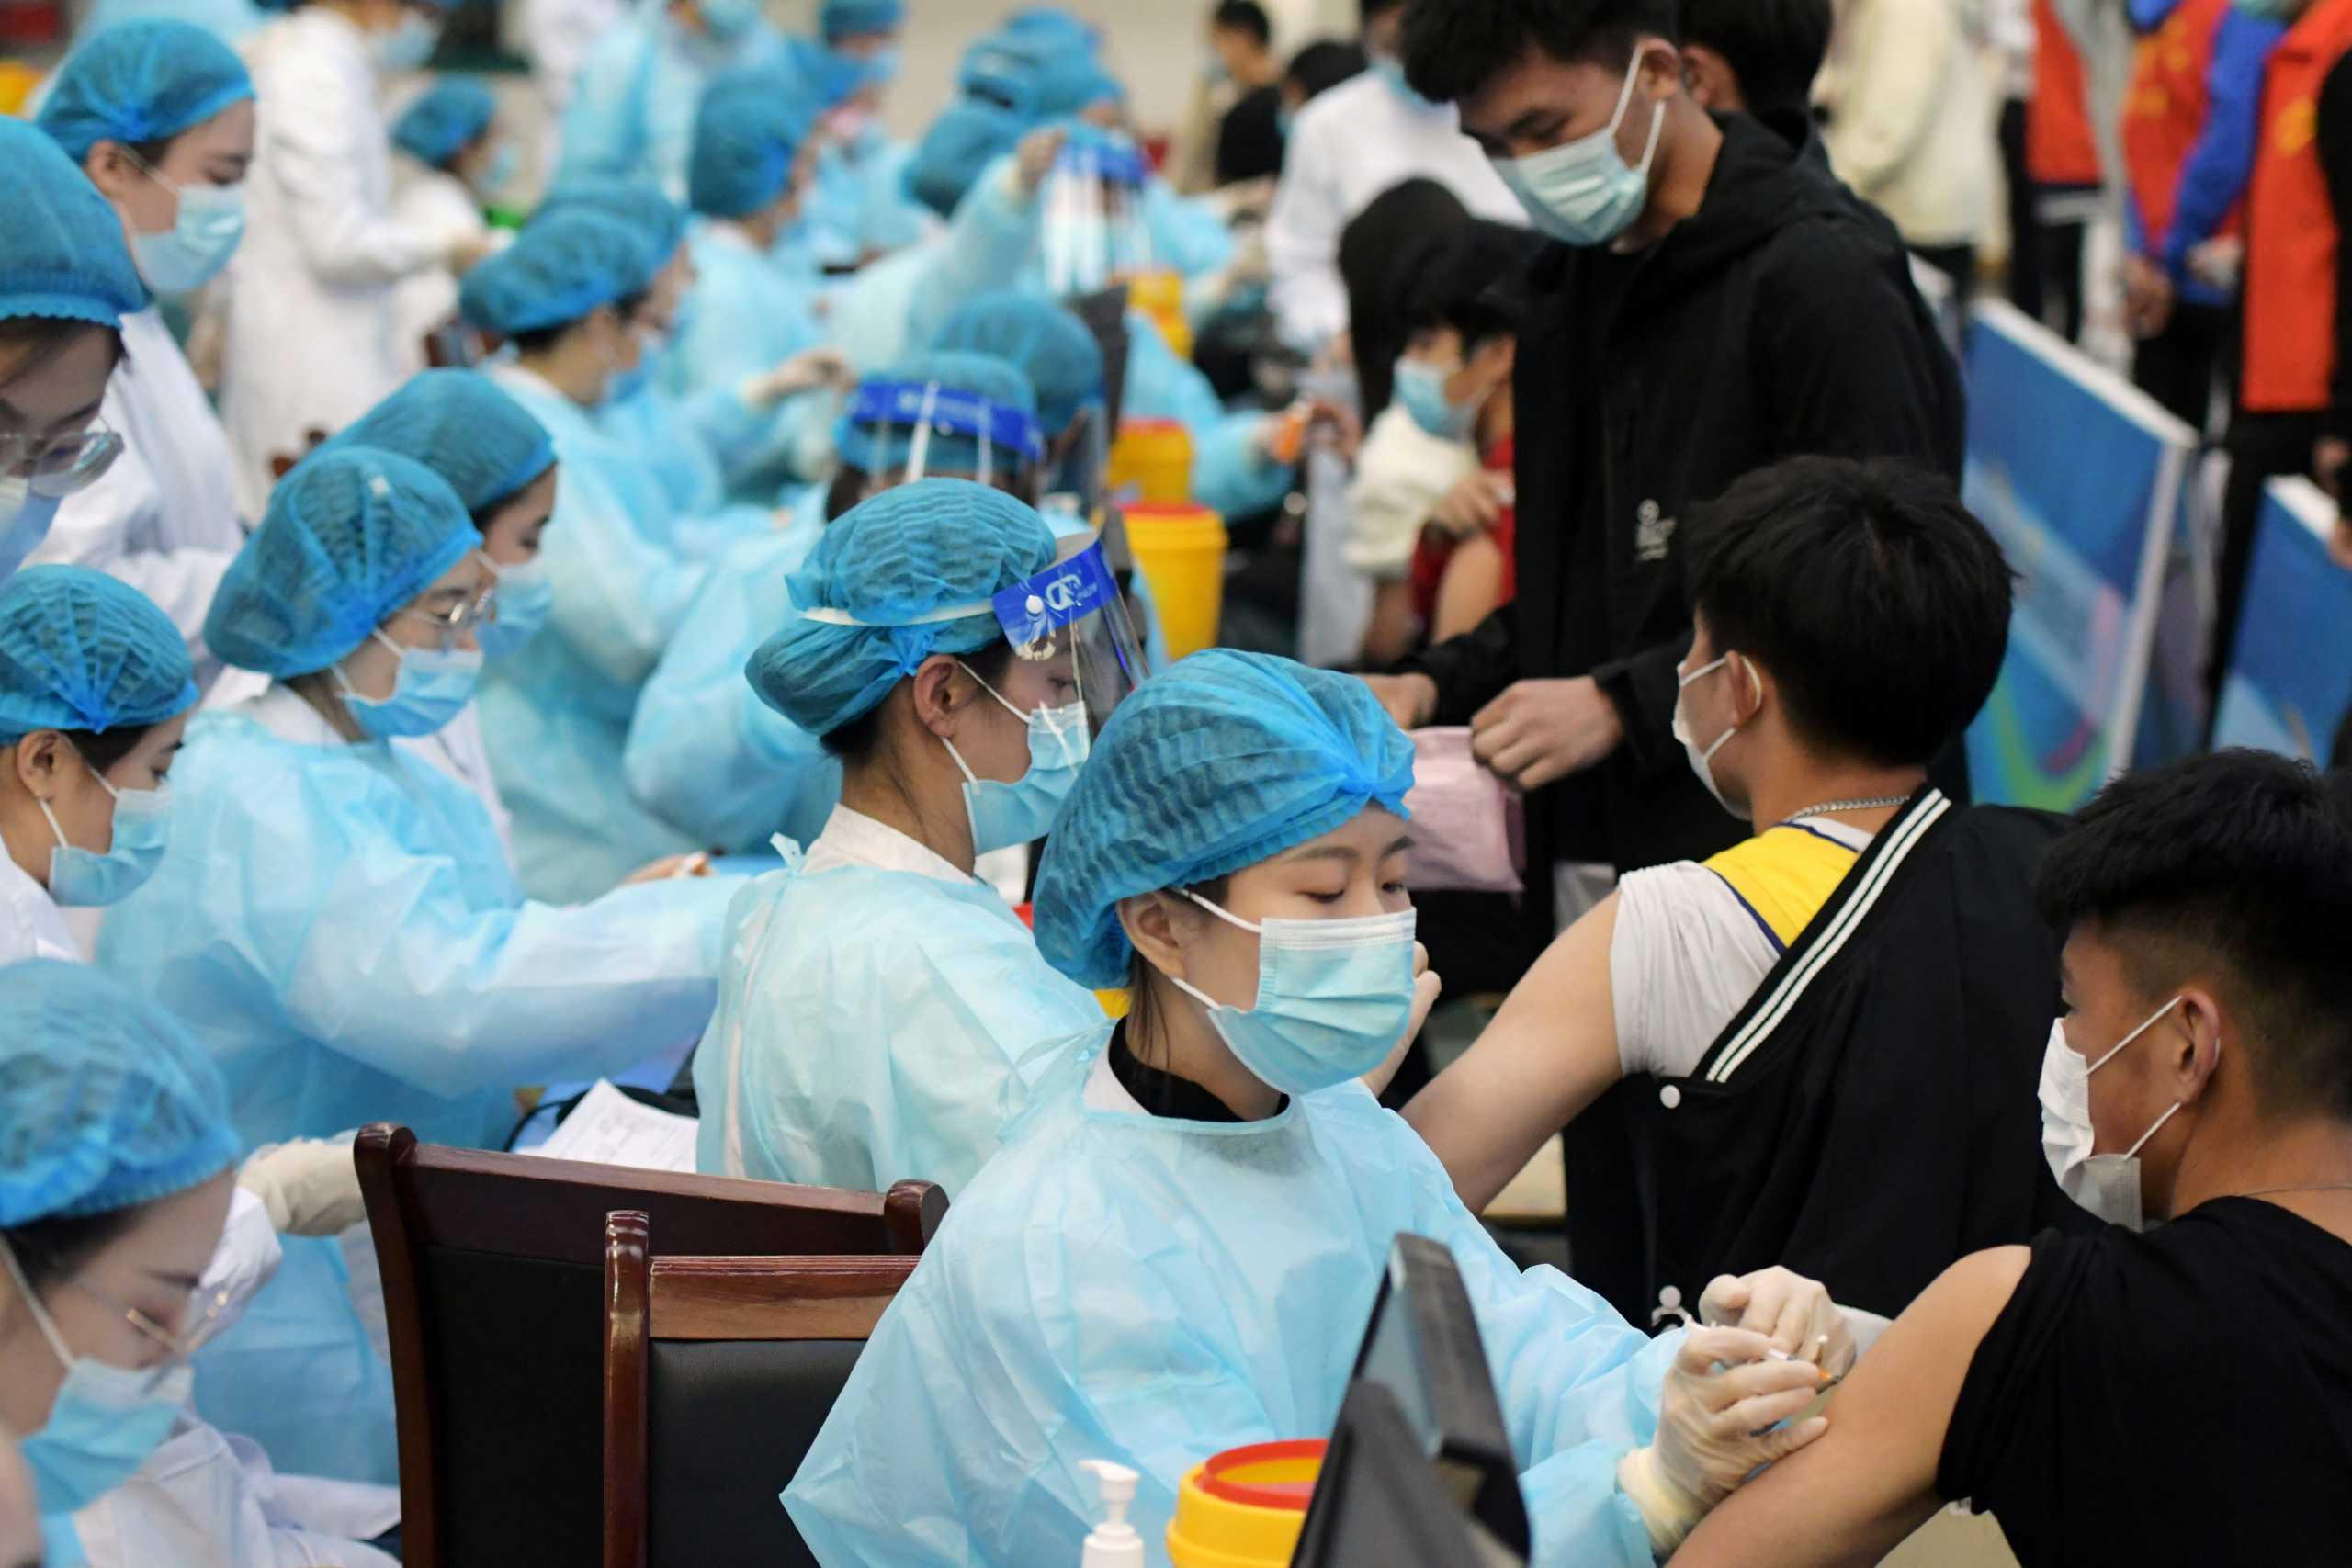 Κορονοϊός: Η Κίνα εξετάζει το ενδεχόμενο συνδυασμού εμβολίων για να αυξήσει την αποτελεσματικότητά τους